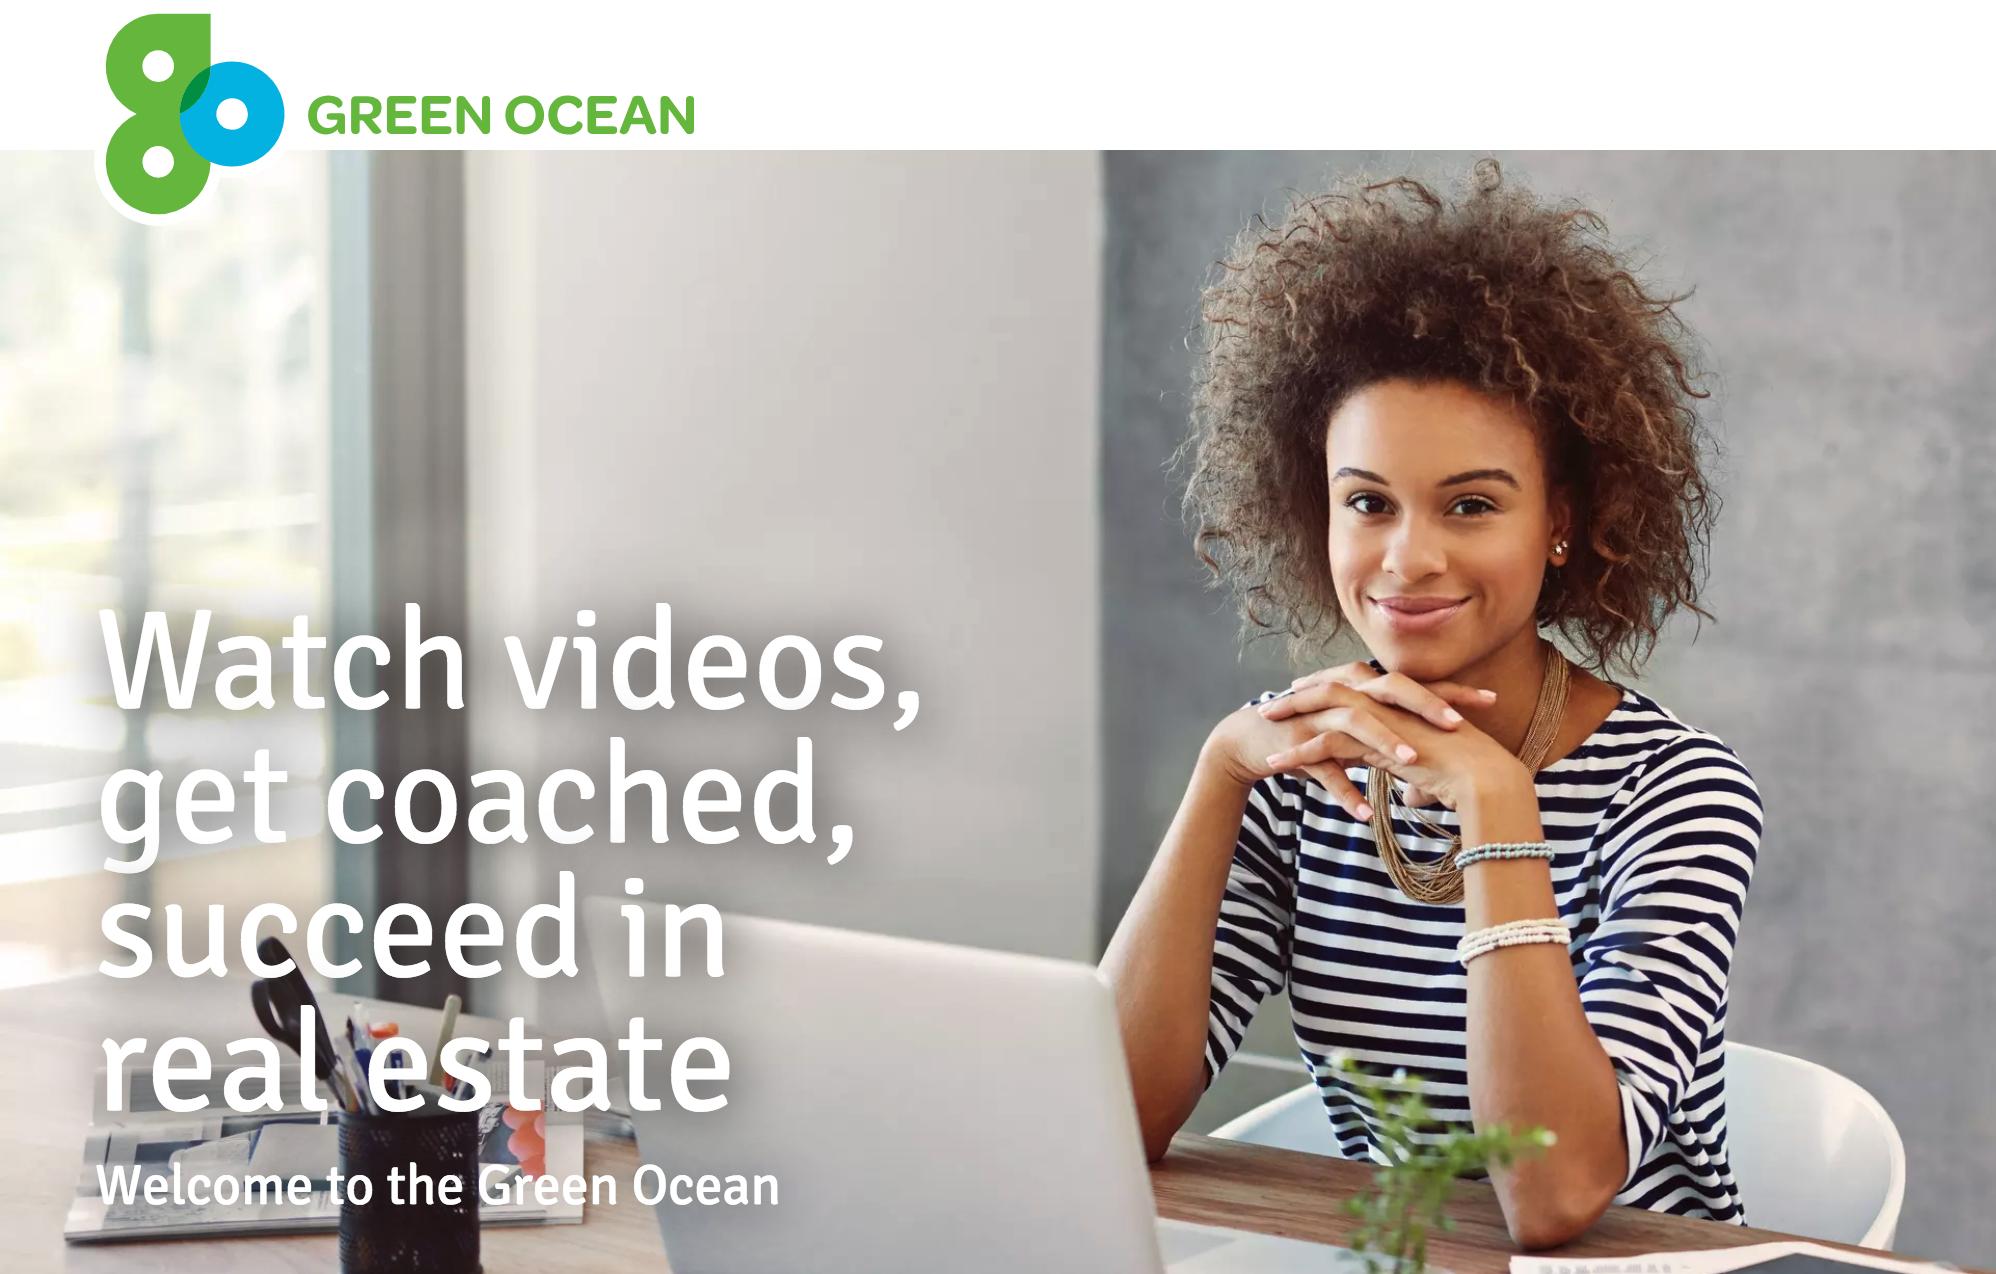 GreenOceanTV.com